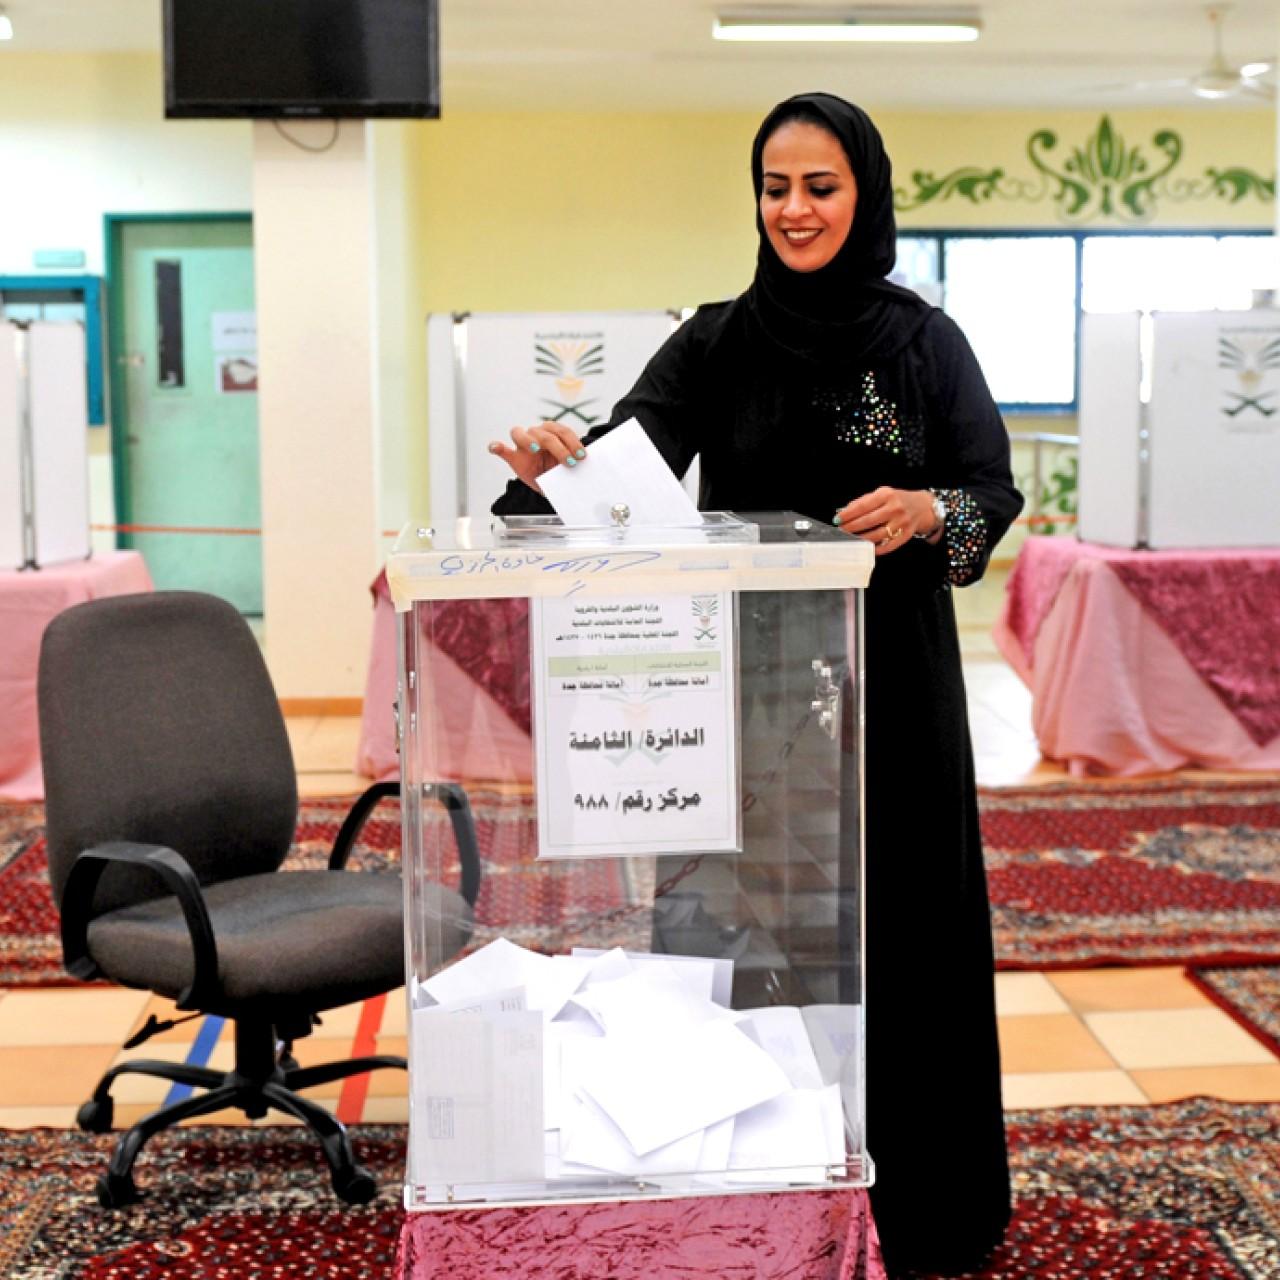 A first in Saudi Arabia: At least 20 women win municipal council